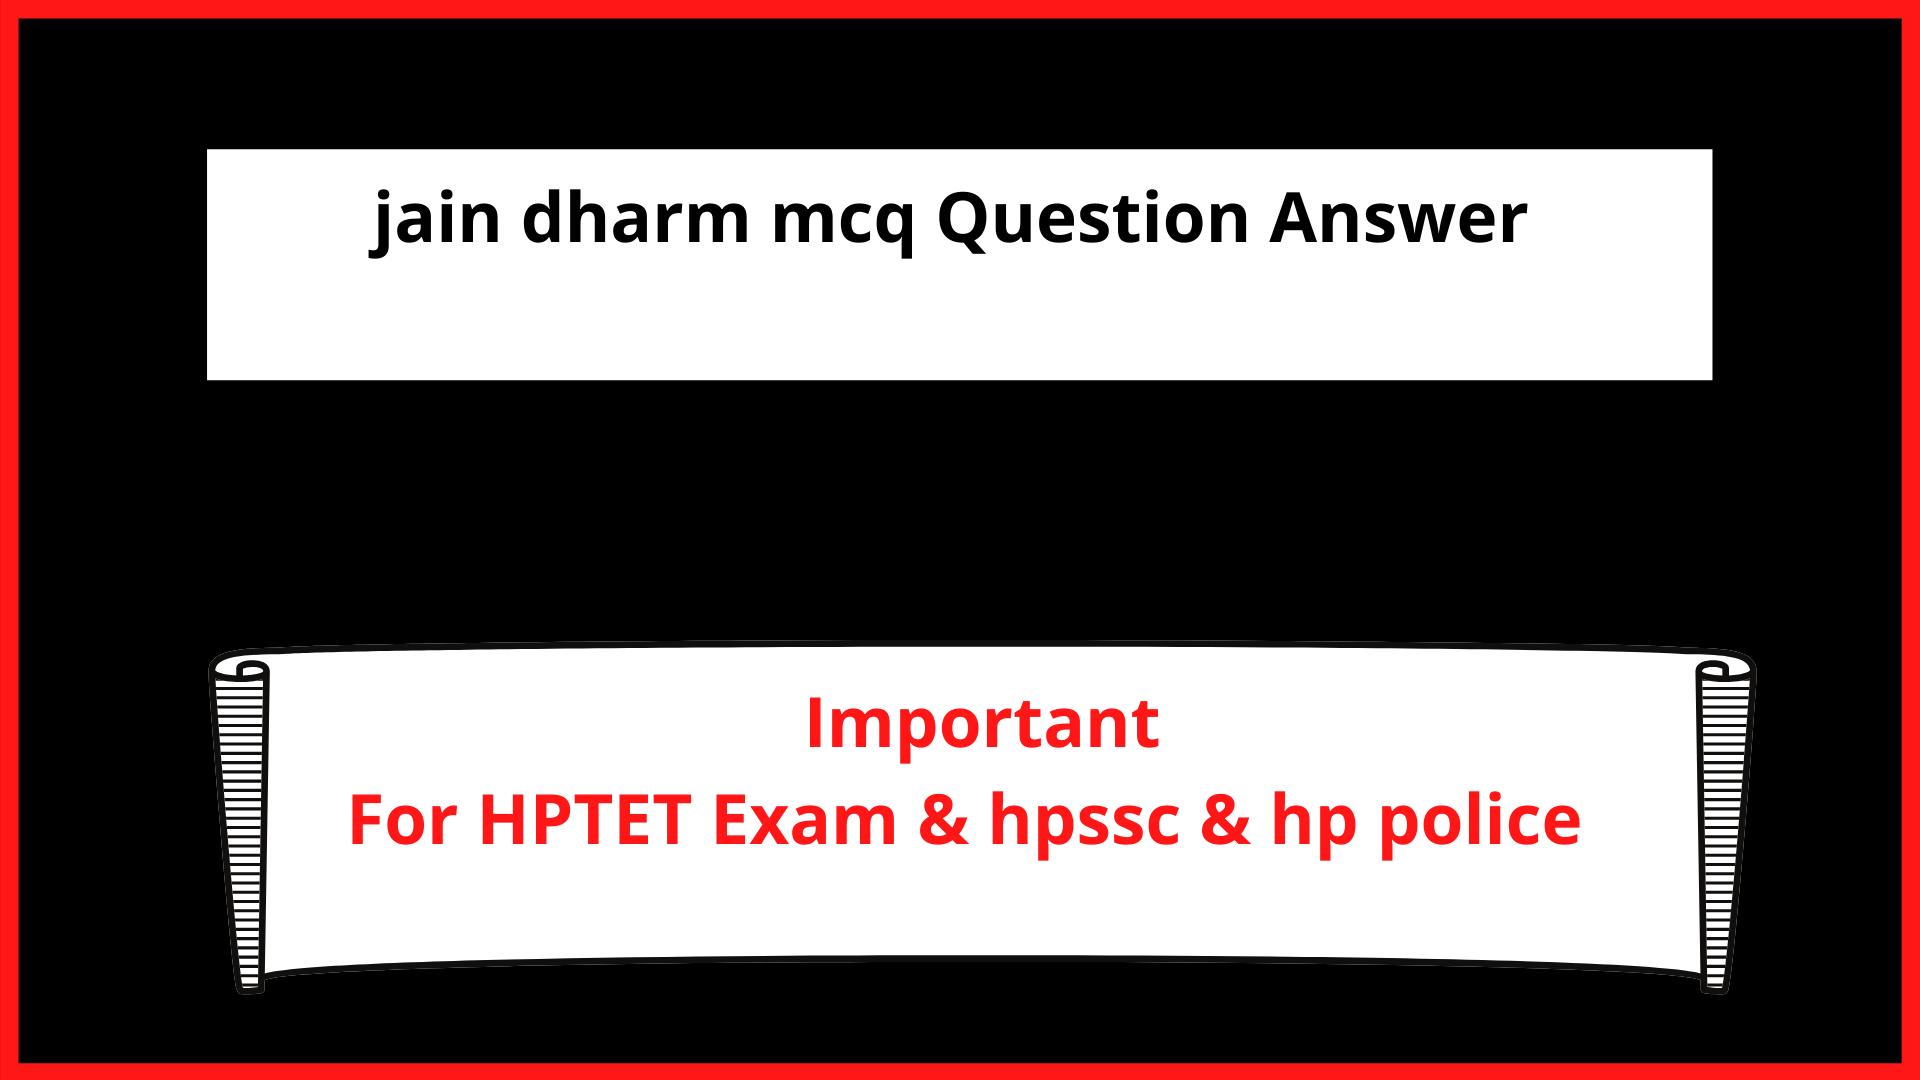 jain dharm mcq Question Answer In Hindi